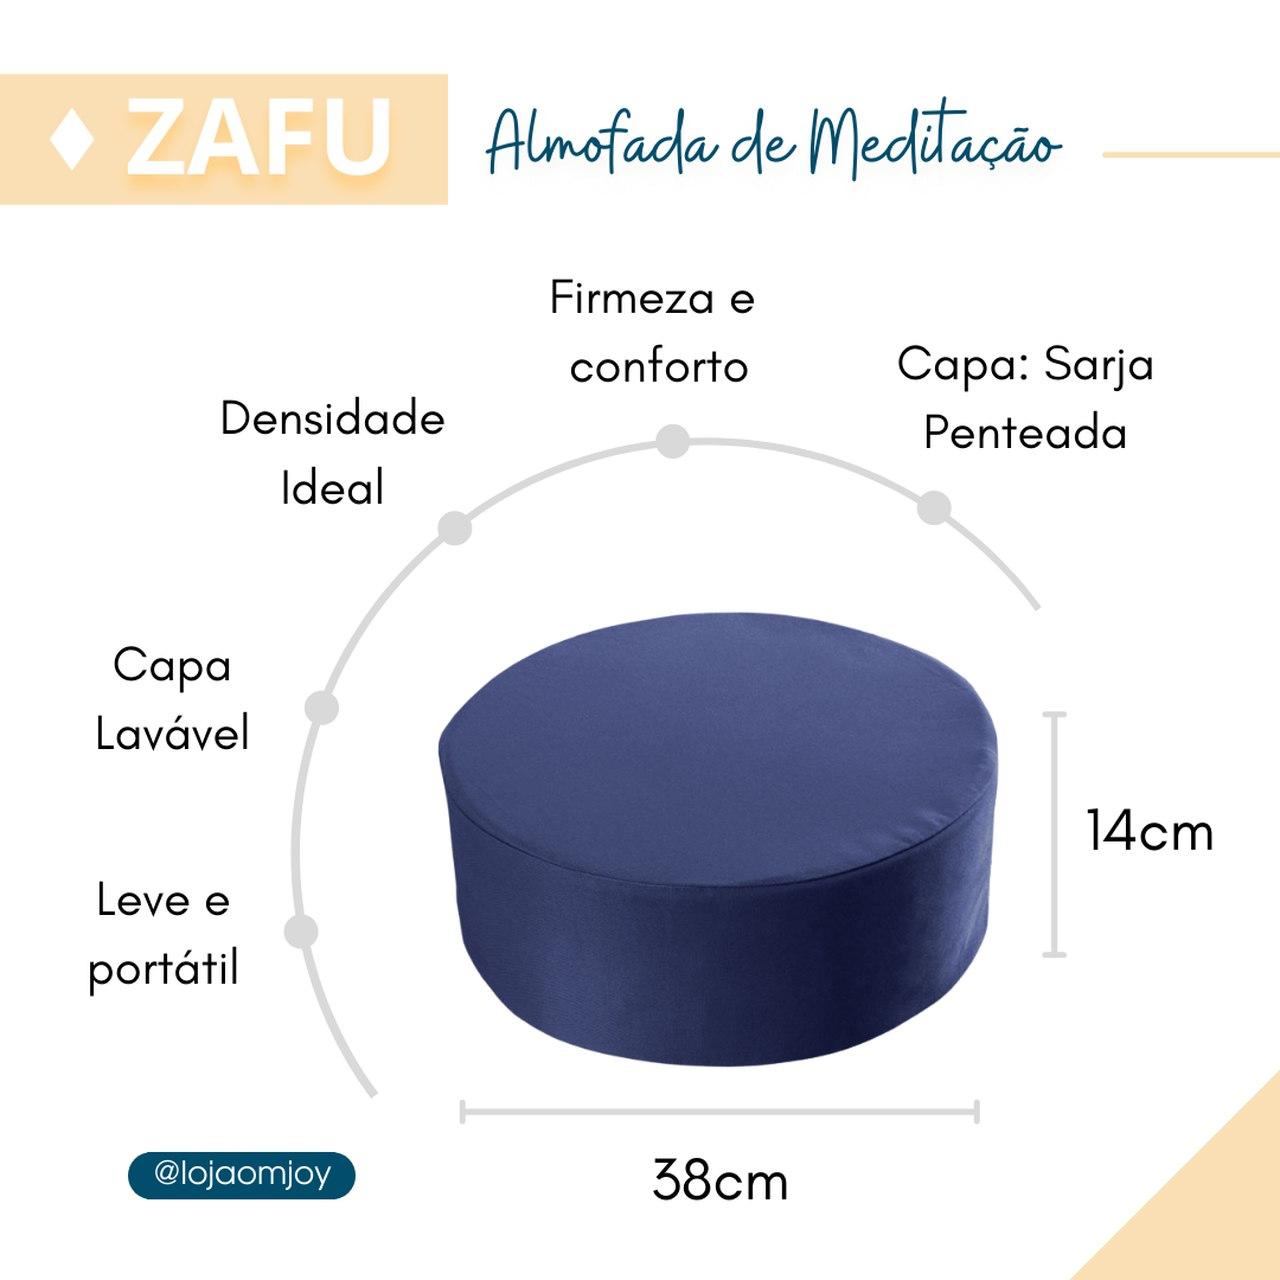 Zafu - Almofada para Meditação - Yoga